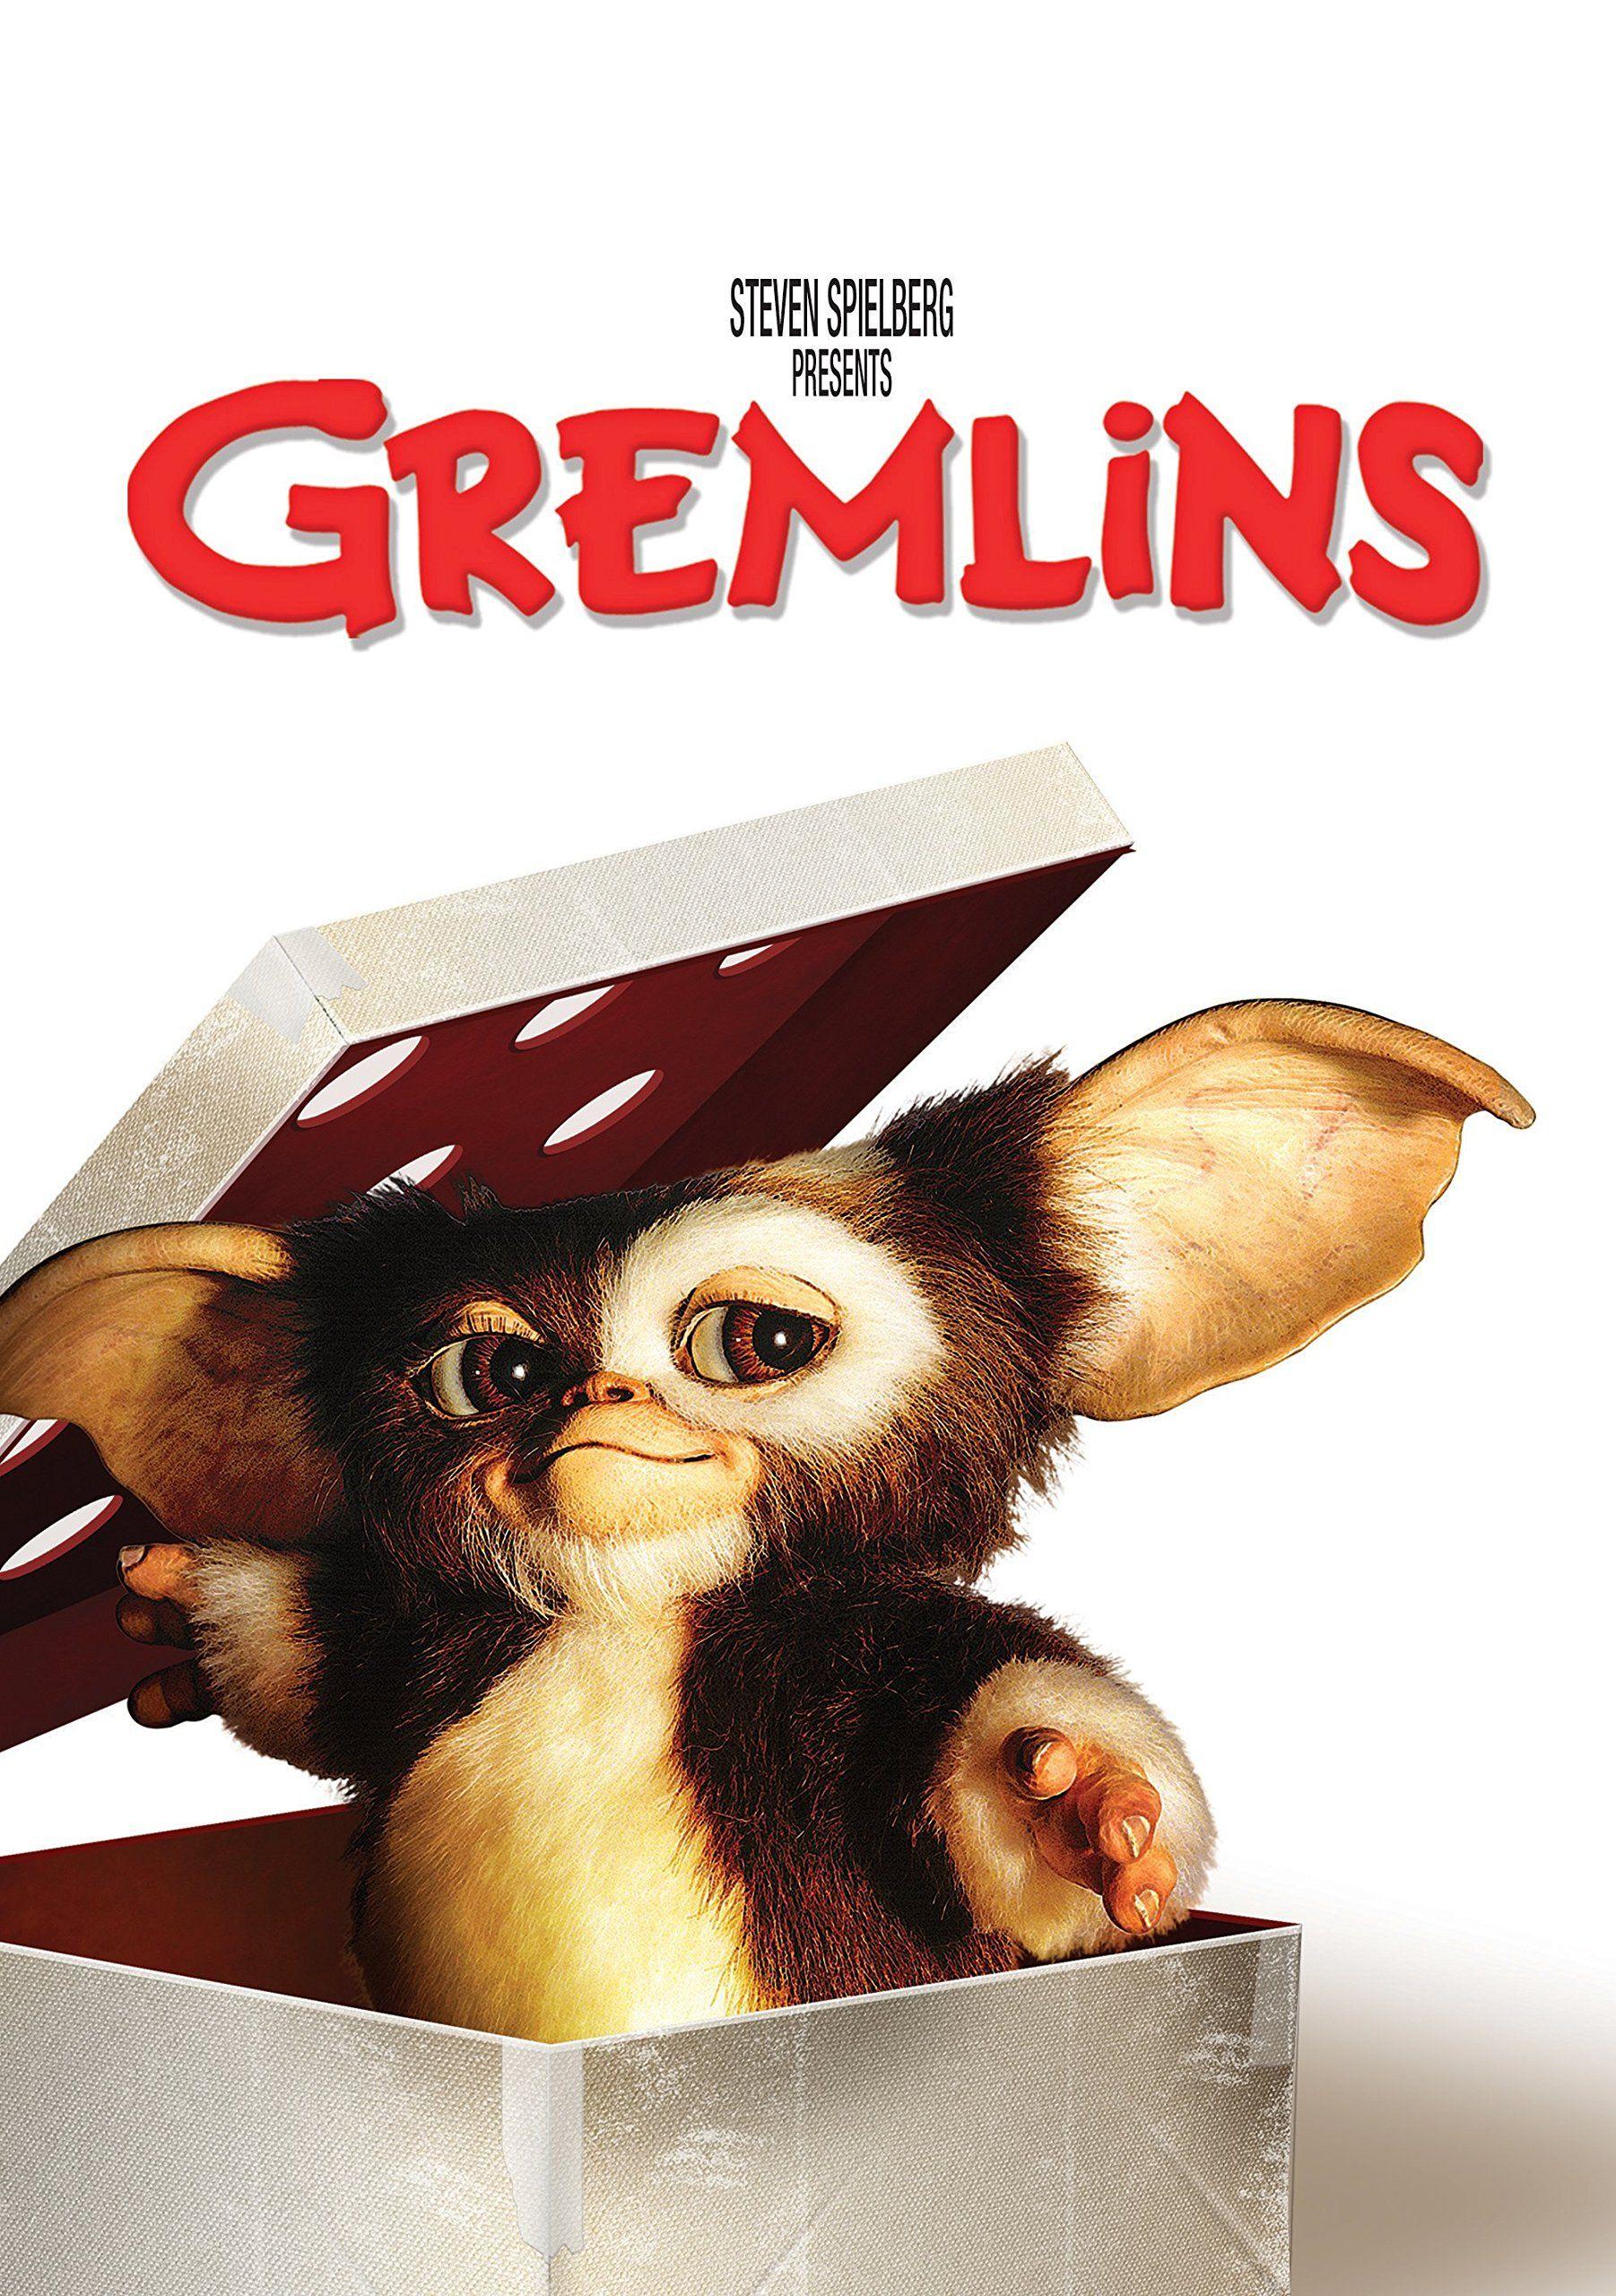 Gremlins (1984) Gremlins, Gremlins gizmo, Carteles de